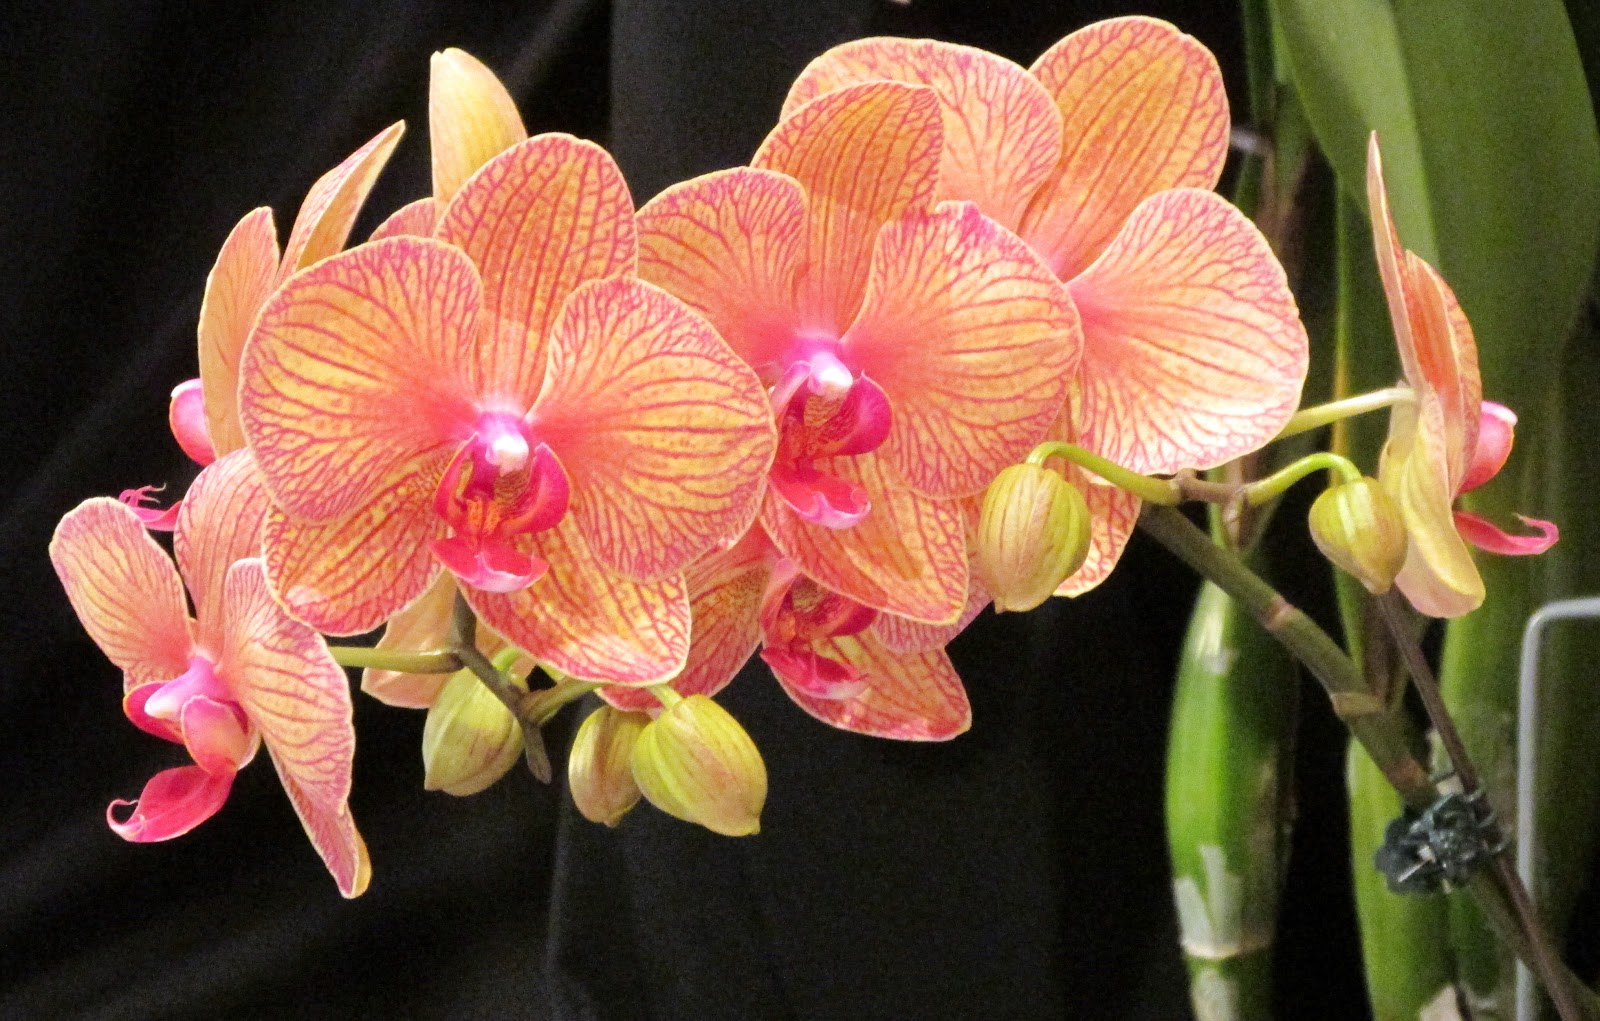 Planta del mes de Enero: Phalaenopsis con un 10% de descuento.